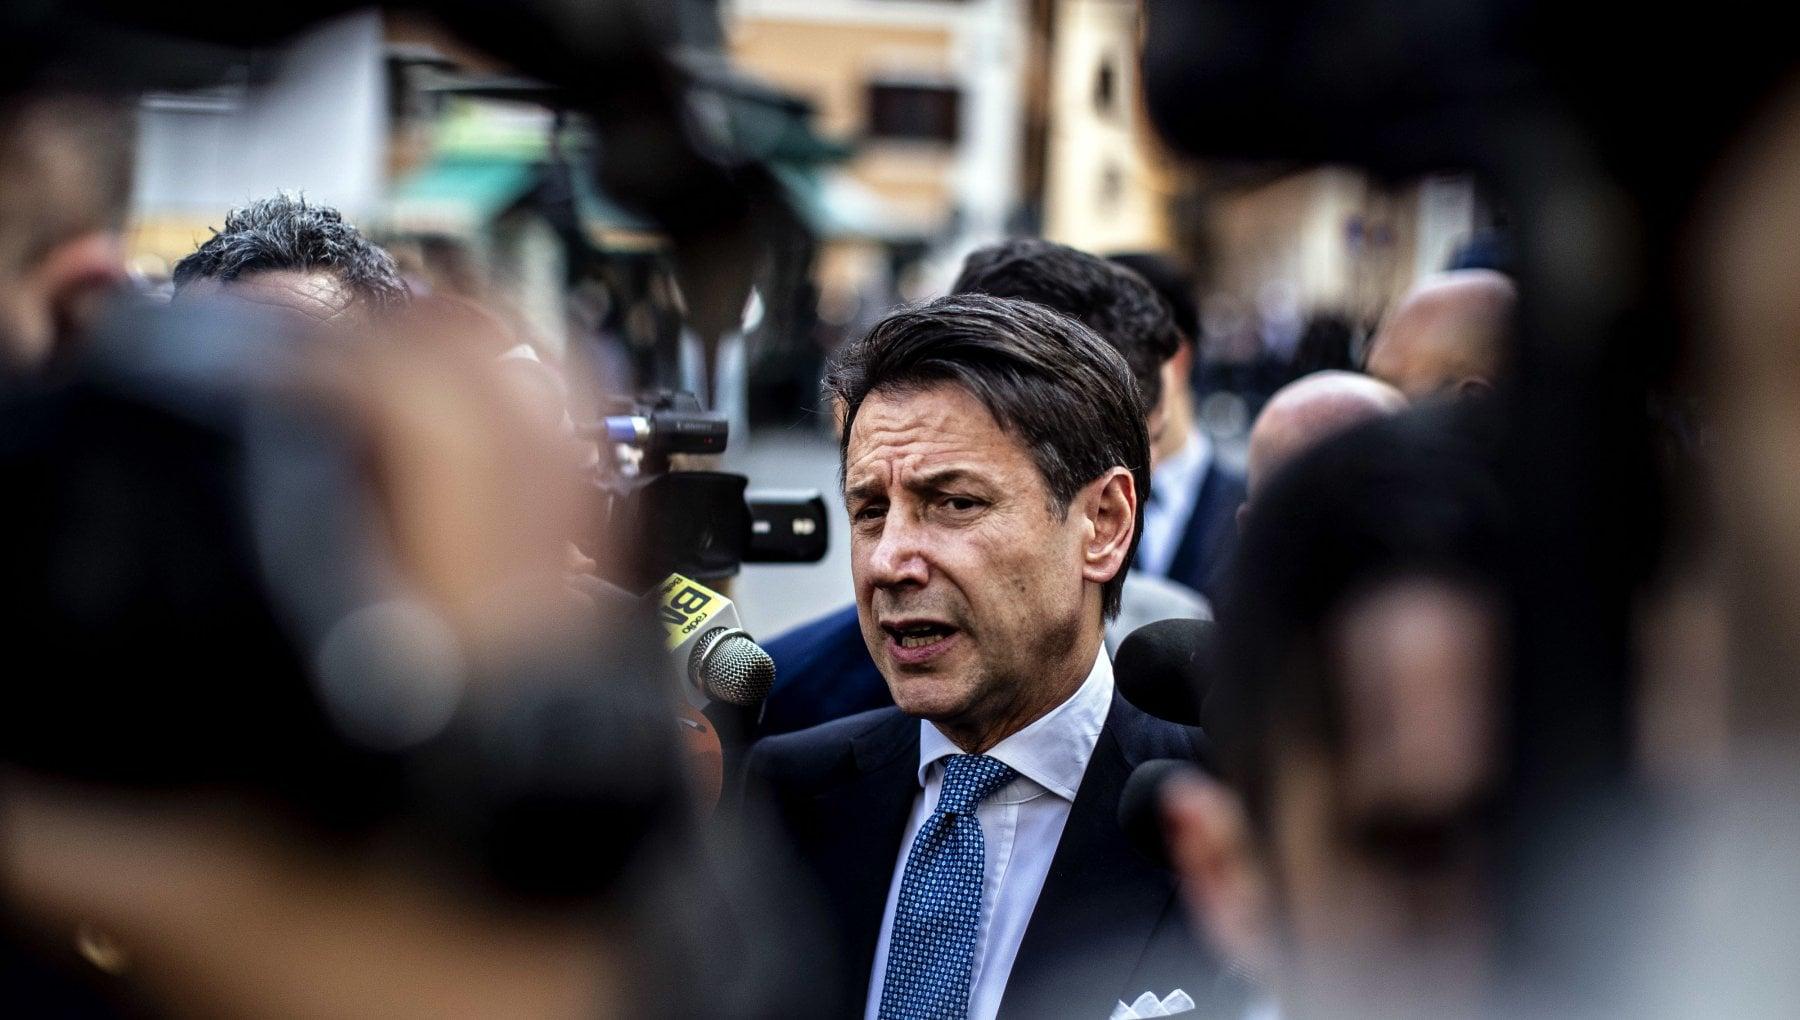 Crisi di governo oggi Renzi ritira le ministre attesa per la lettera di dimissioni. Speranza Tenere la salute degli italiani fuori dalle liti